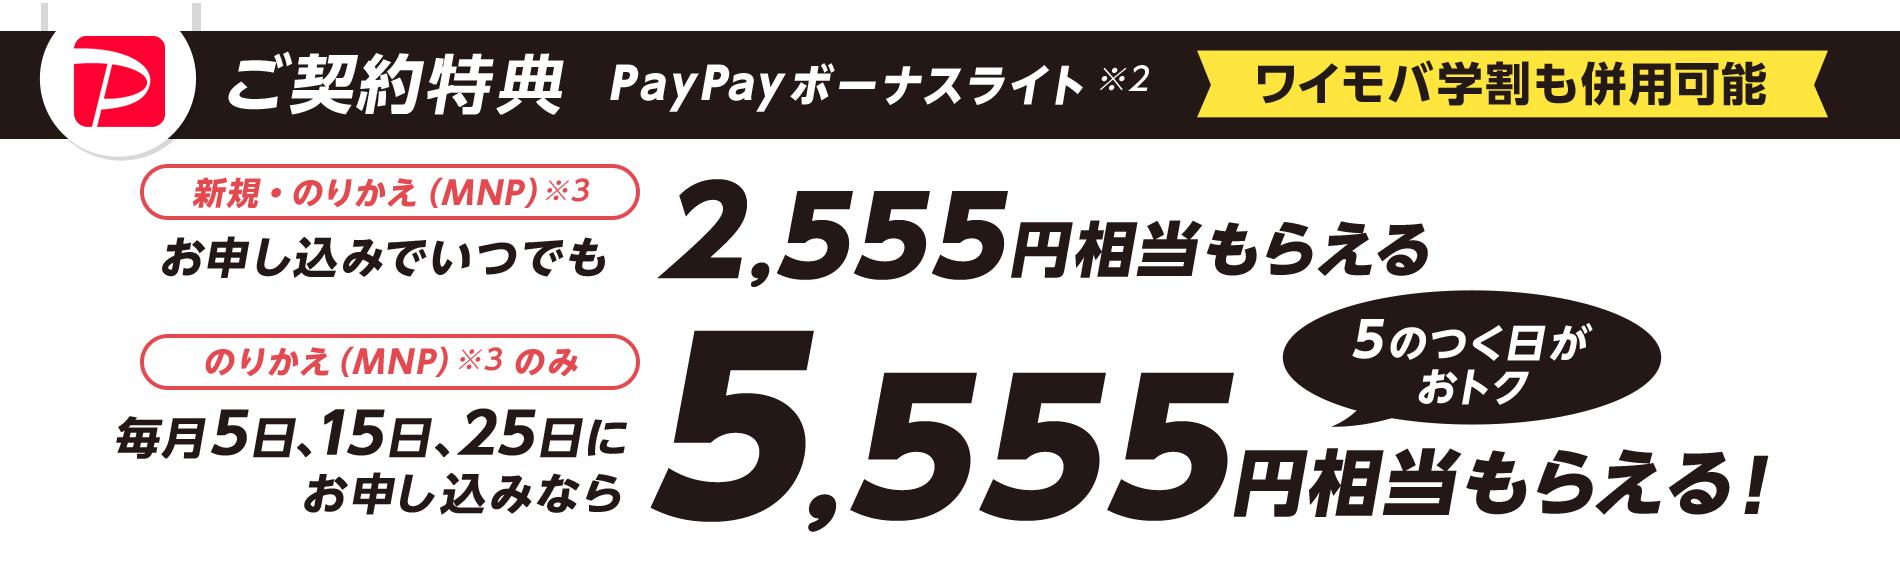 ご契約特典 PayPayボーナスライト※2 新規・のりかえ(MNP)※3 お申し込みでいつでも2,555円相当もらえる のりかえ(MNP)※3 のみ 毎月5日、15日、25日にお申し込みなら5,555円相当もらえる! 5のつく日がおトク ワイモバ学割も併用可能